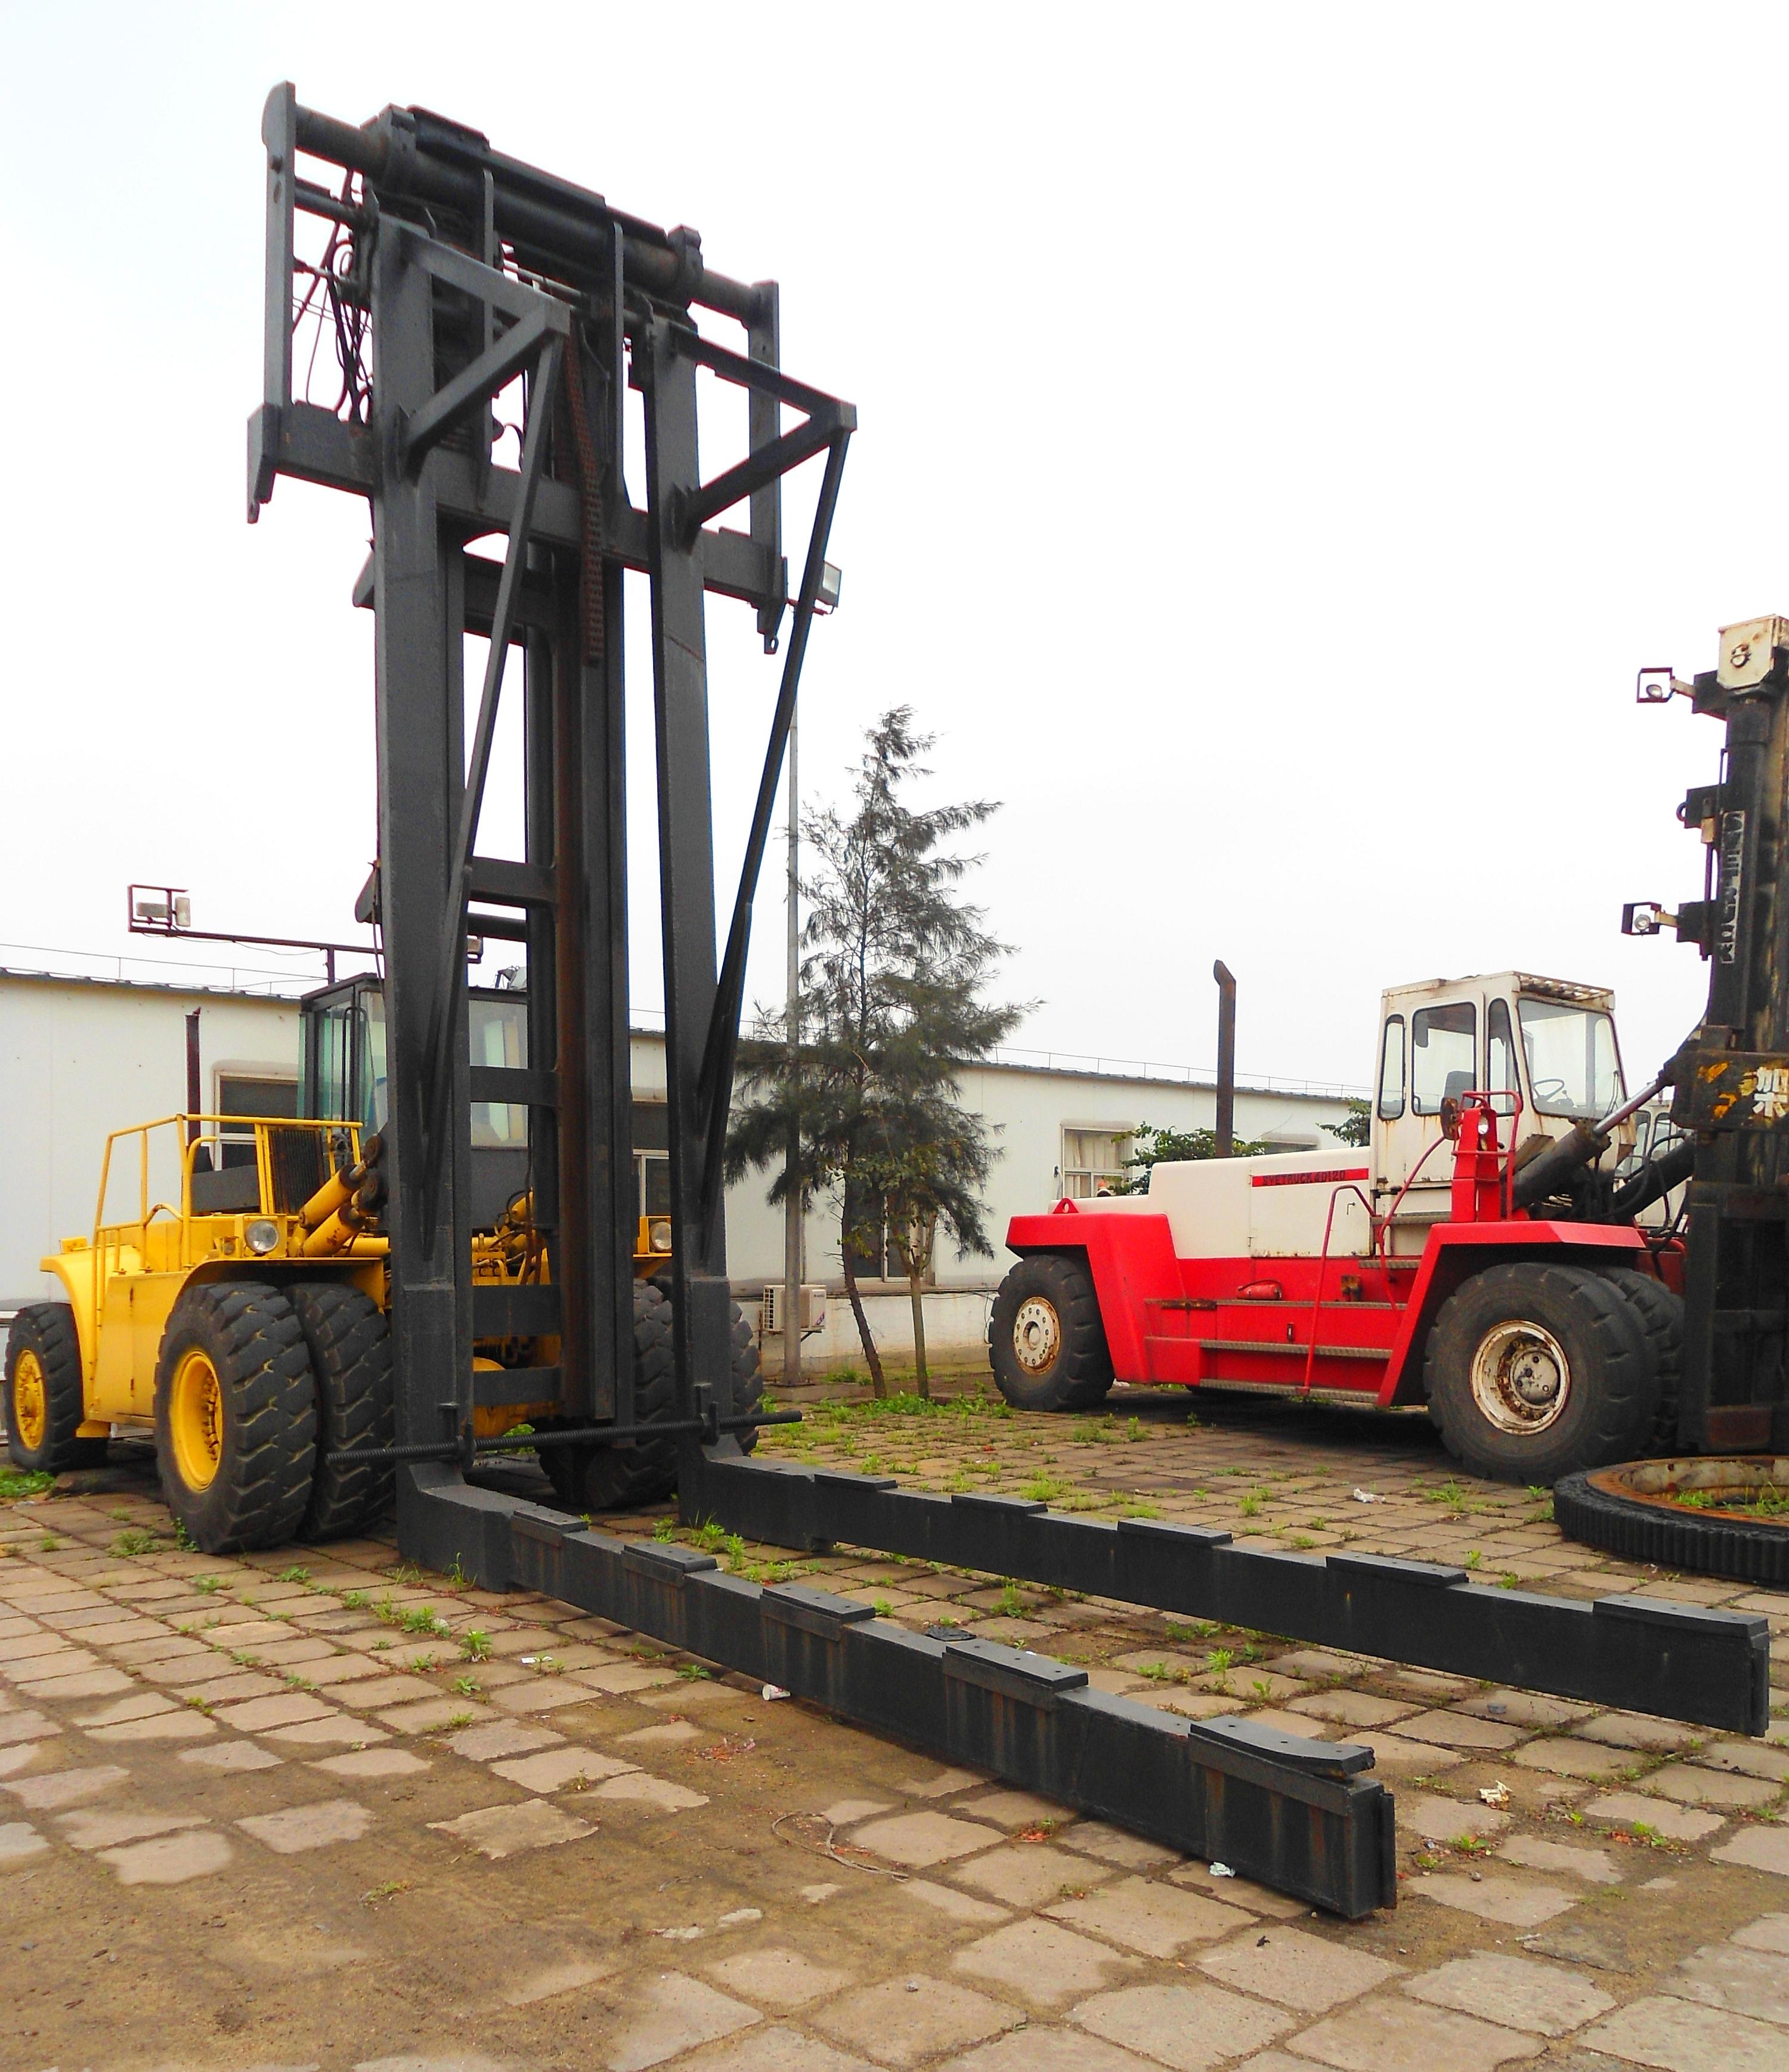 Mast Forklift Operation : Wiki forklift upcscavenger